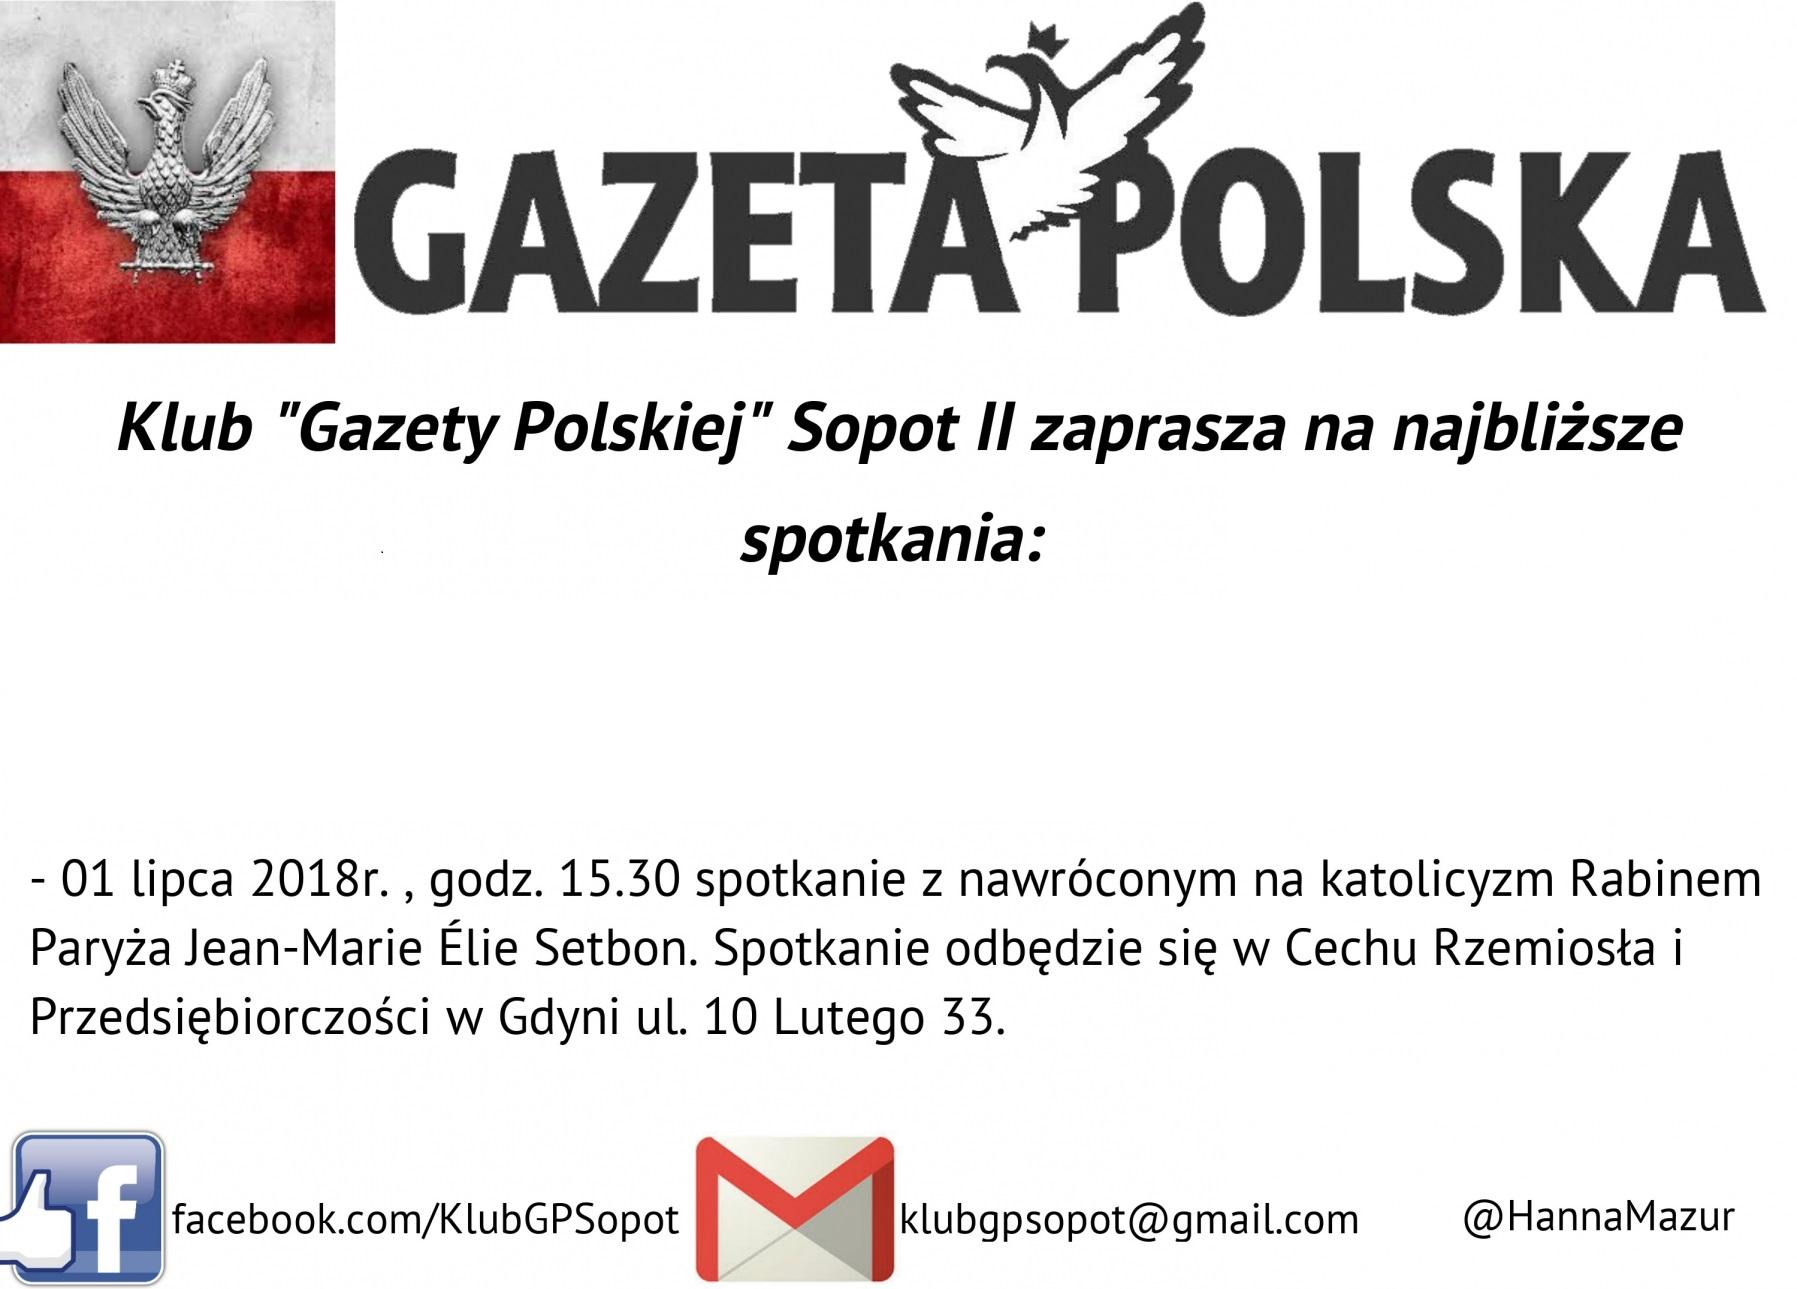 SopotII - rabin 2018